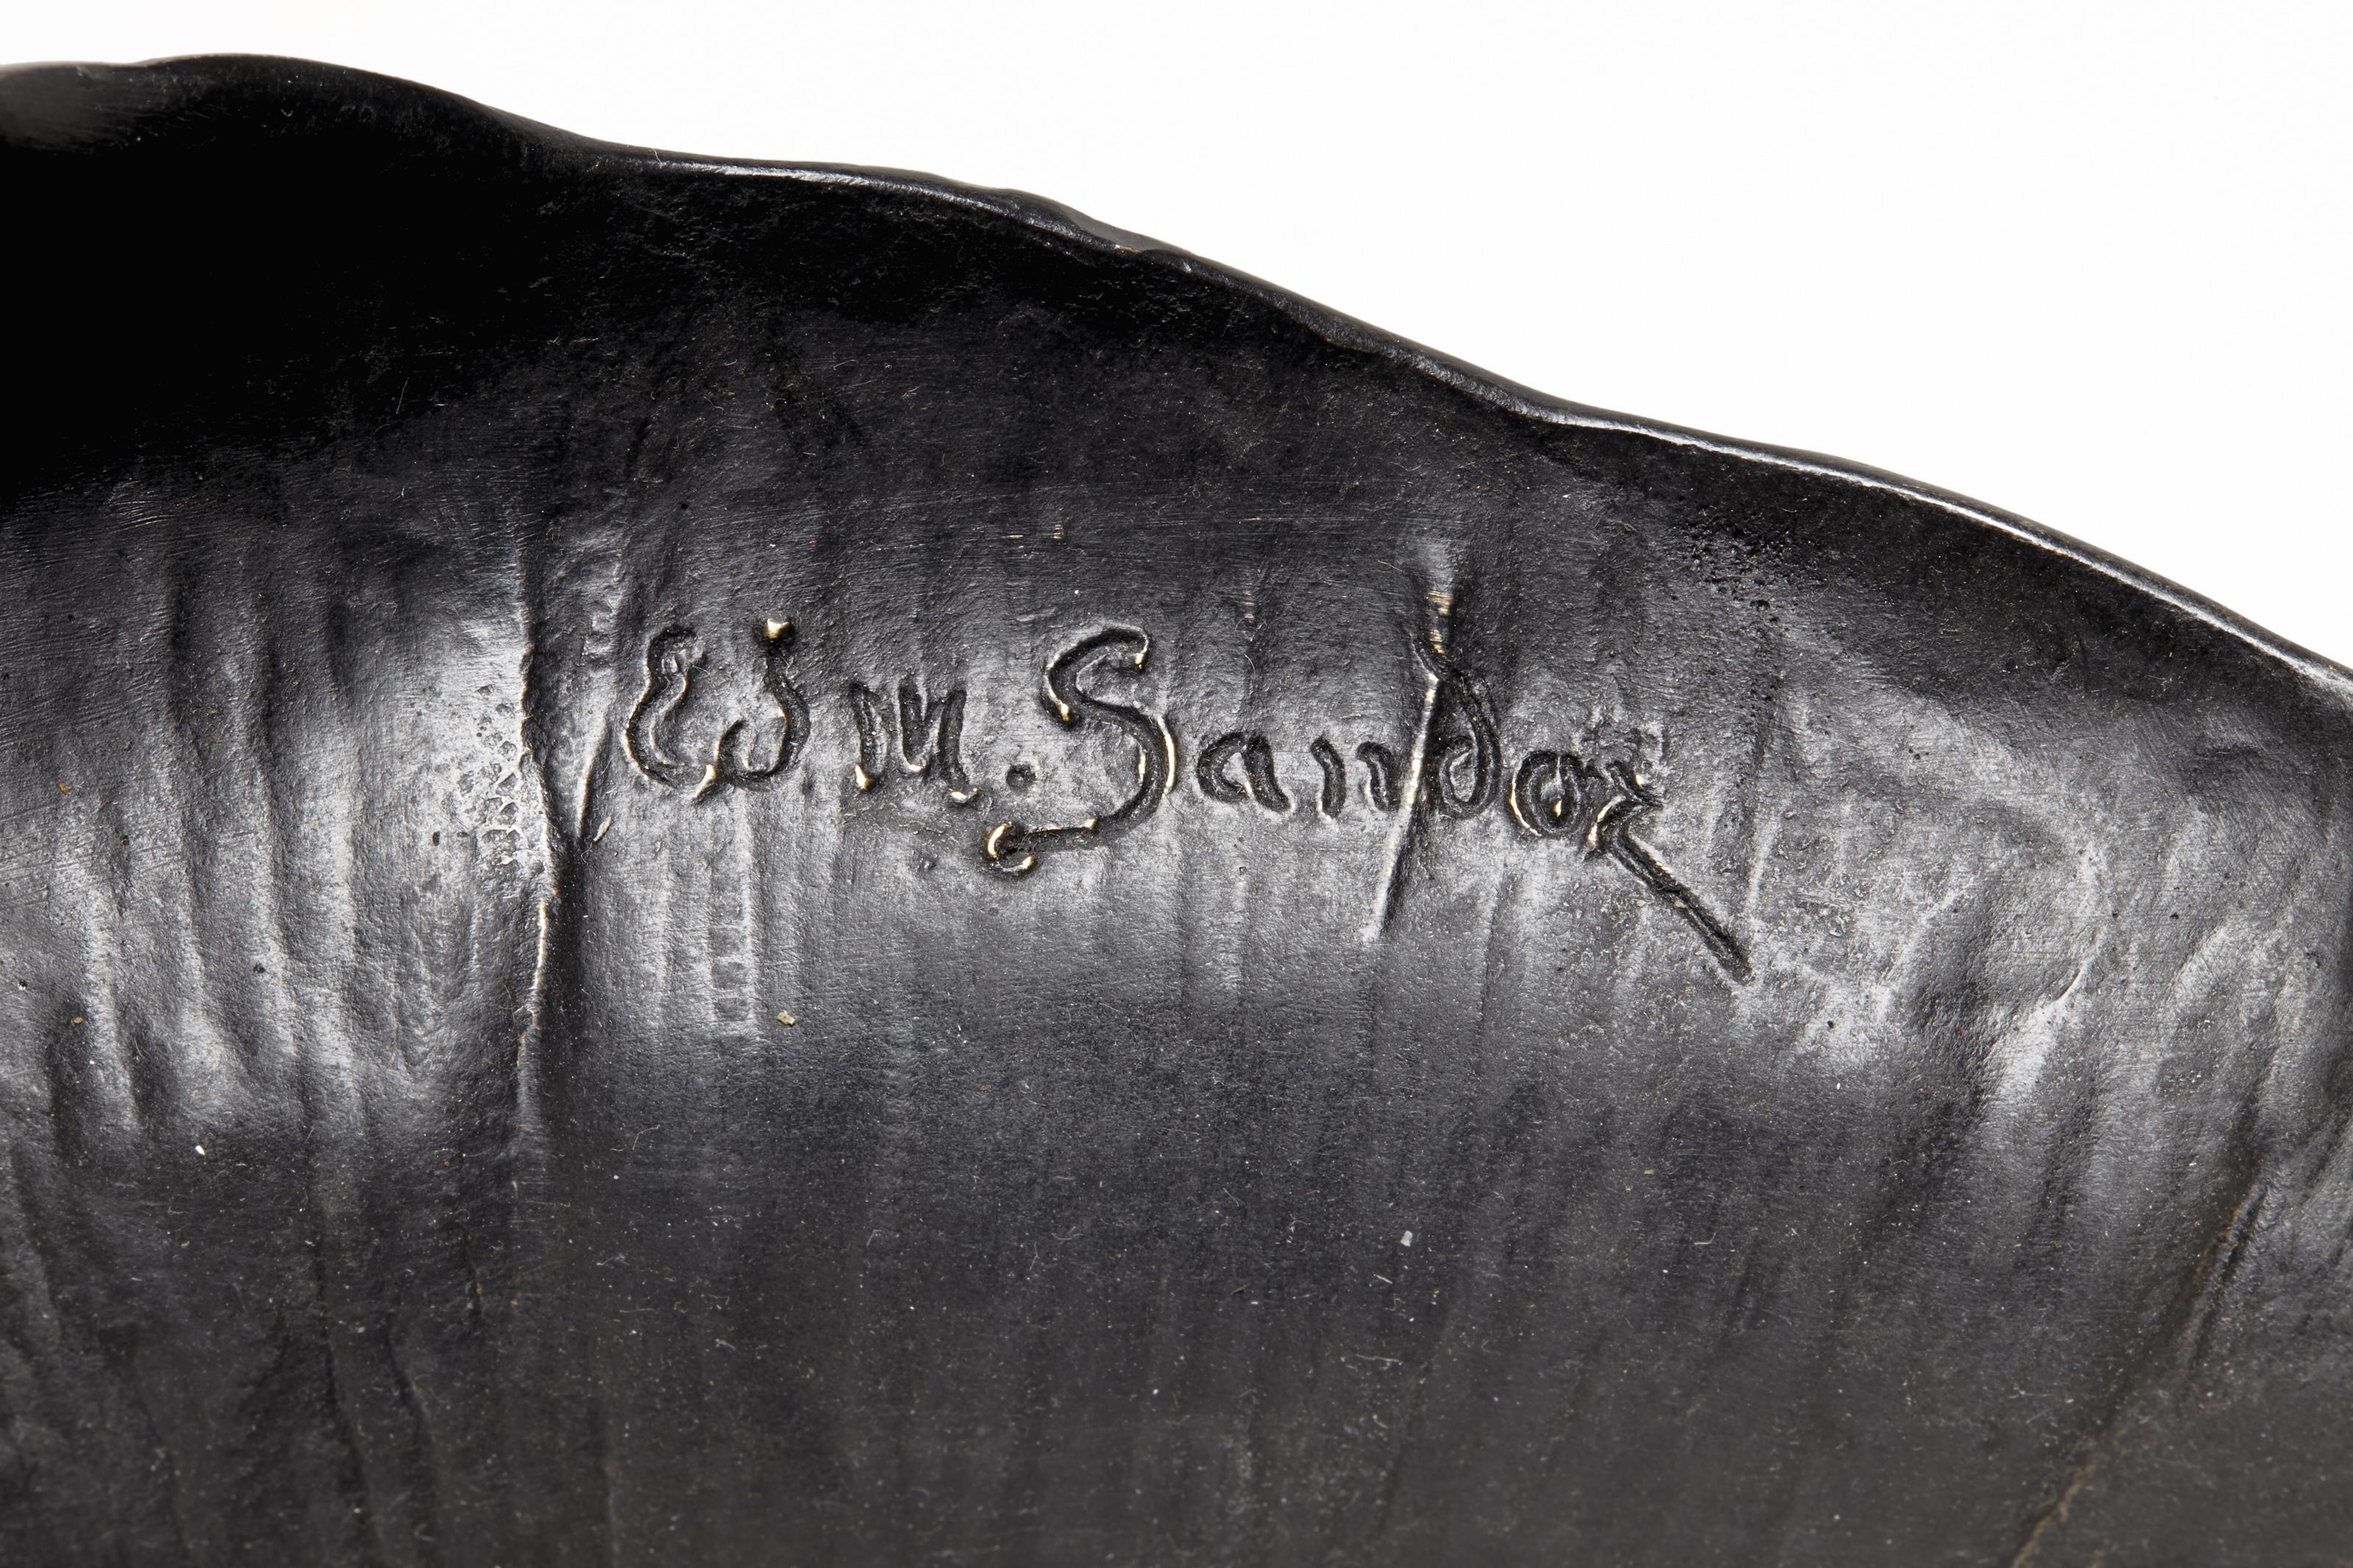 ÉDOUARD-MARCEL SANDOZ 1881/197